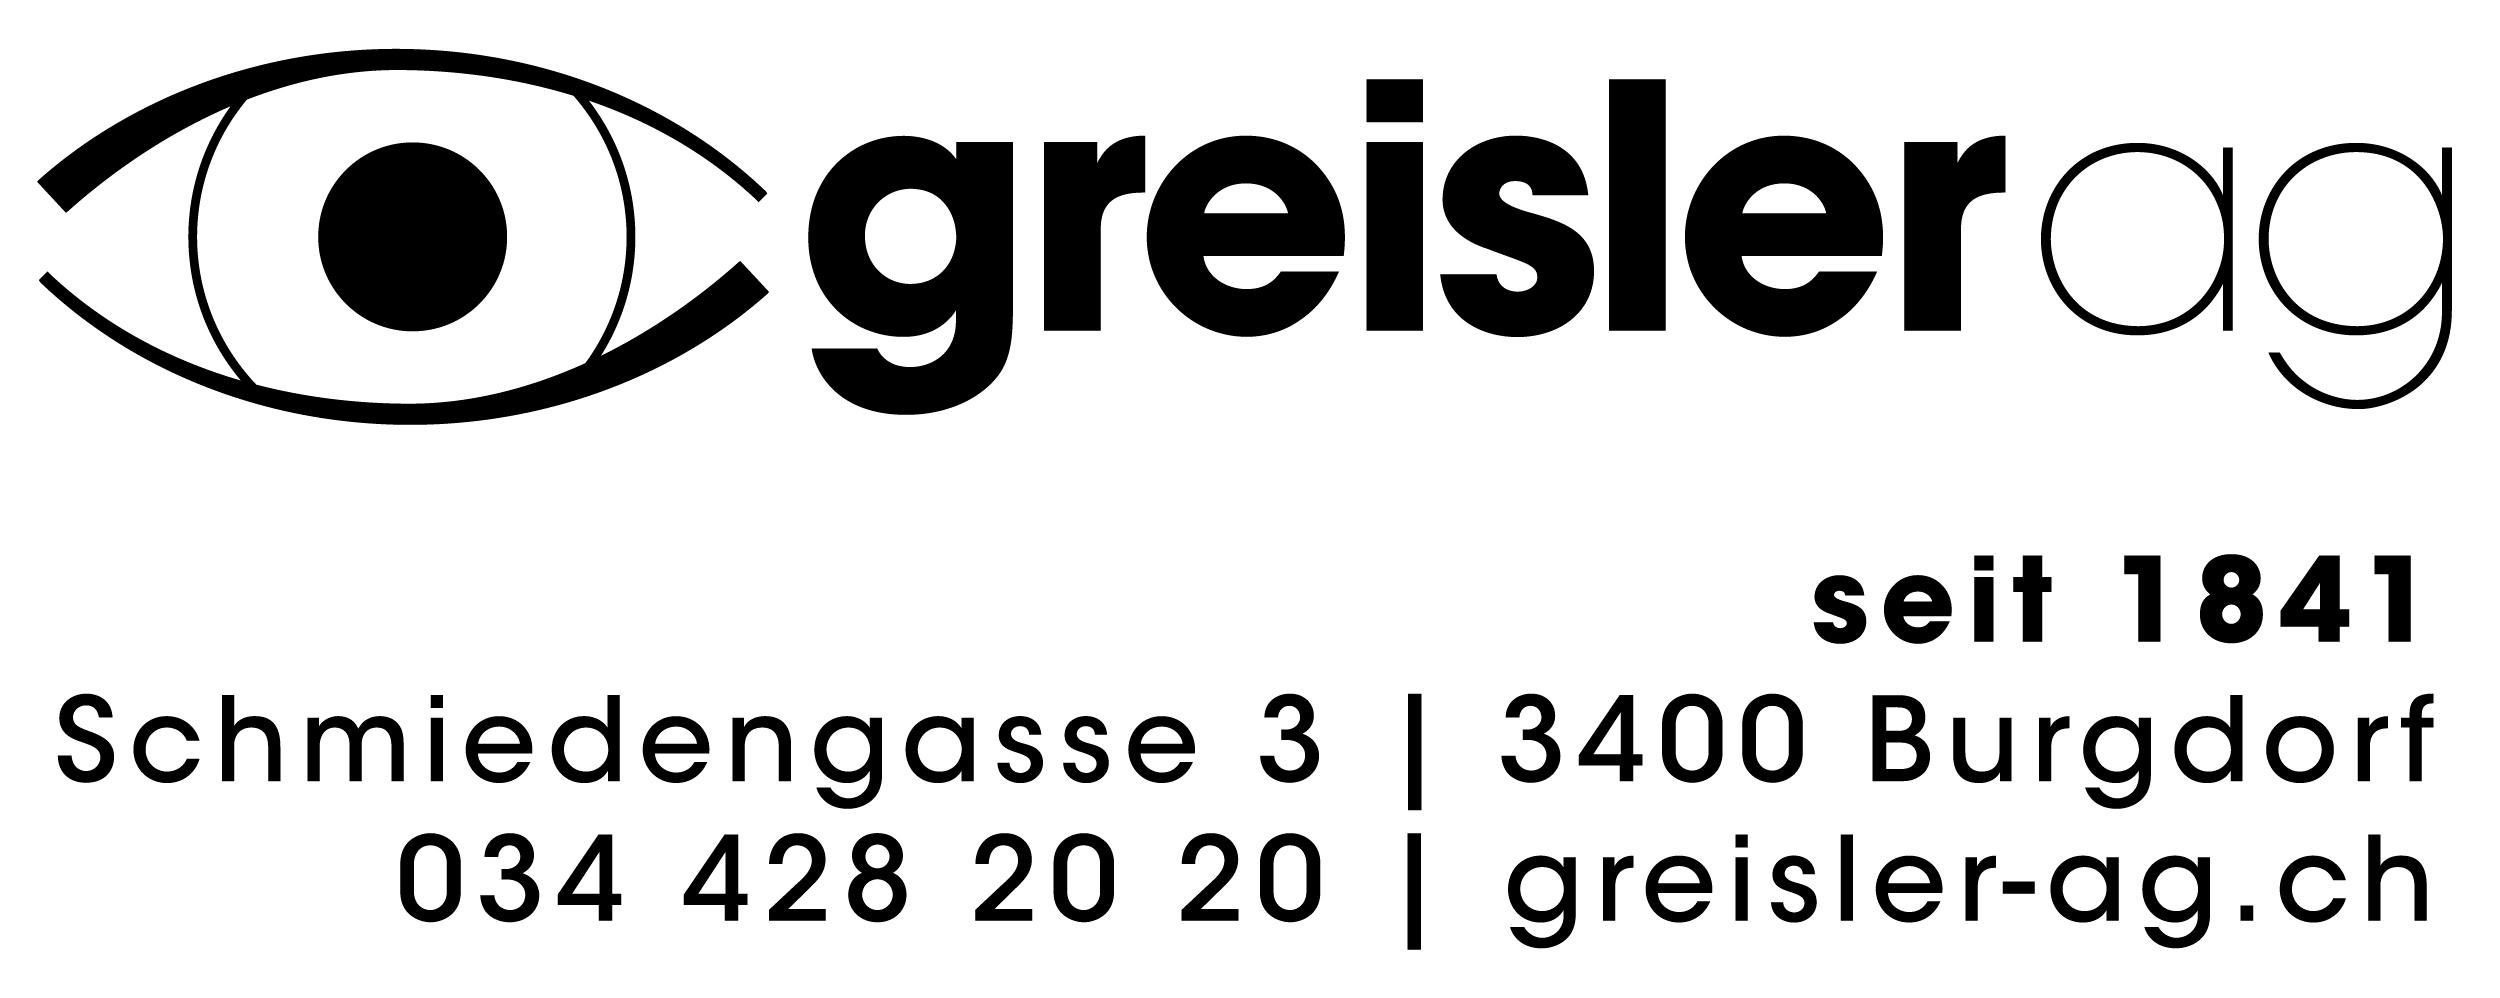 Ottica oculare Greisler Ag, occhiali e lenti a contatto